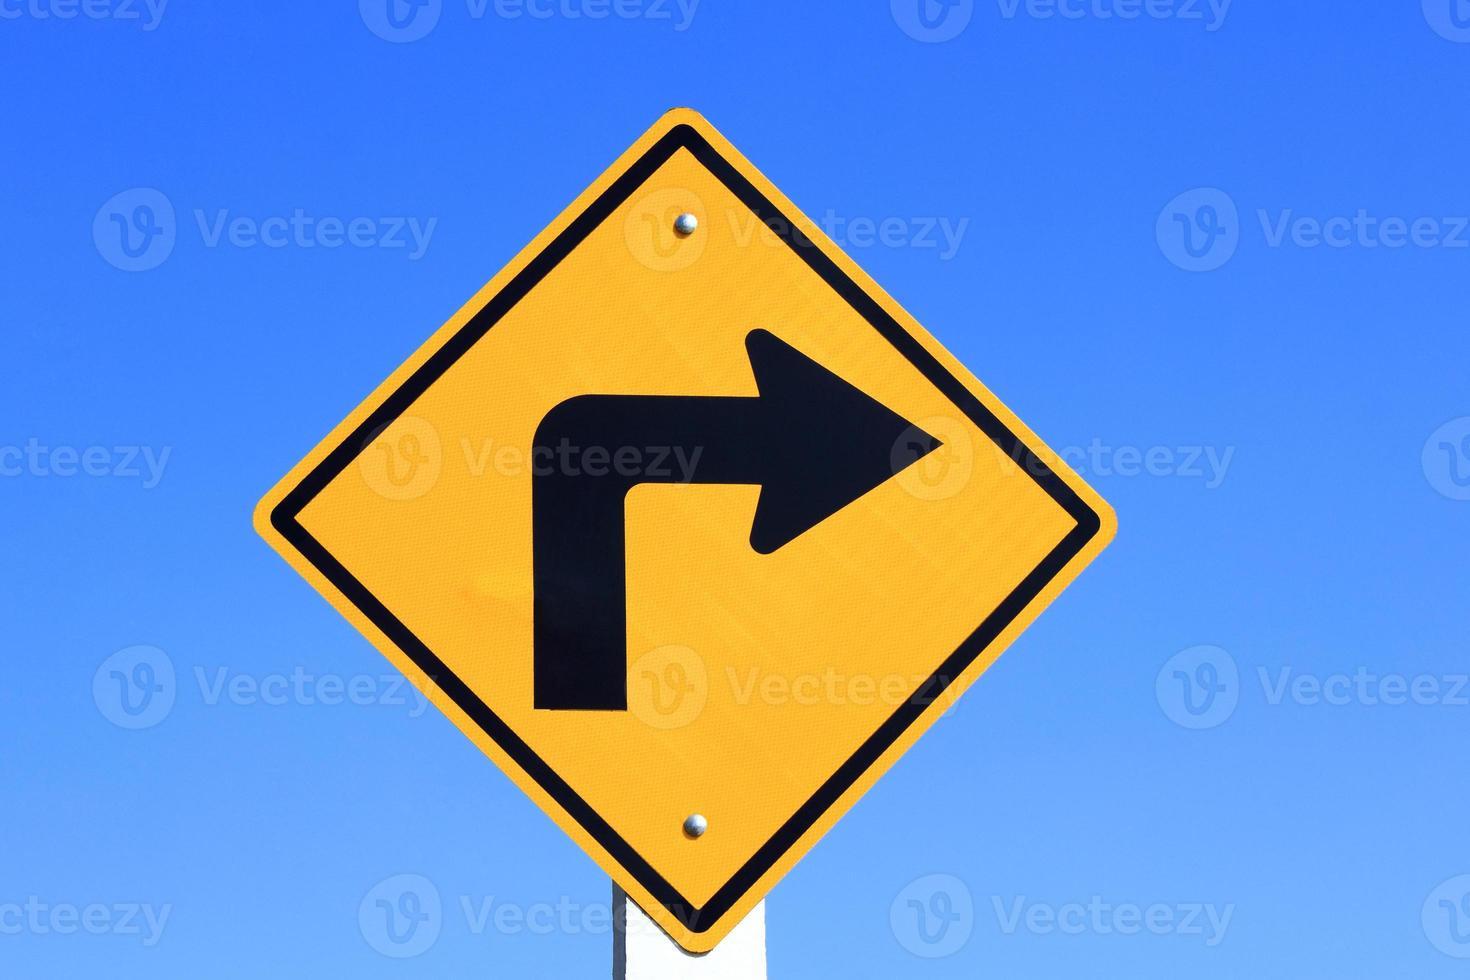 Señal de carretera amarilla de giro a la derecha foto